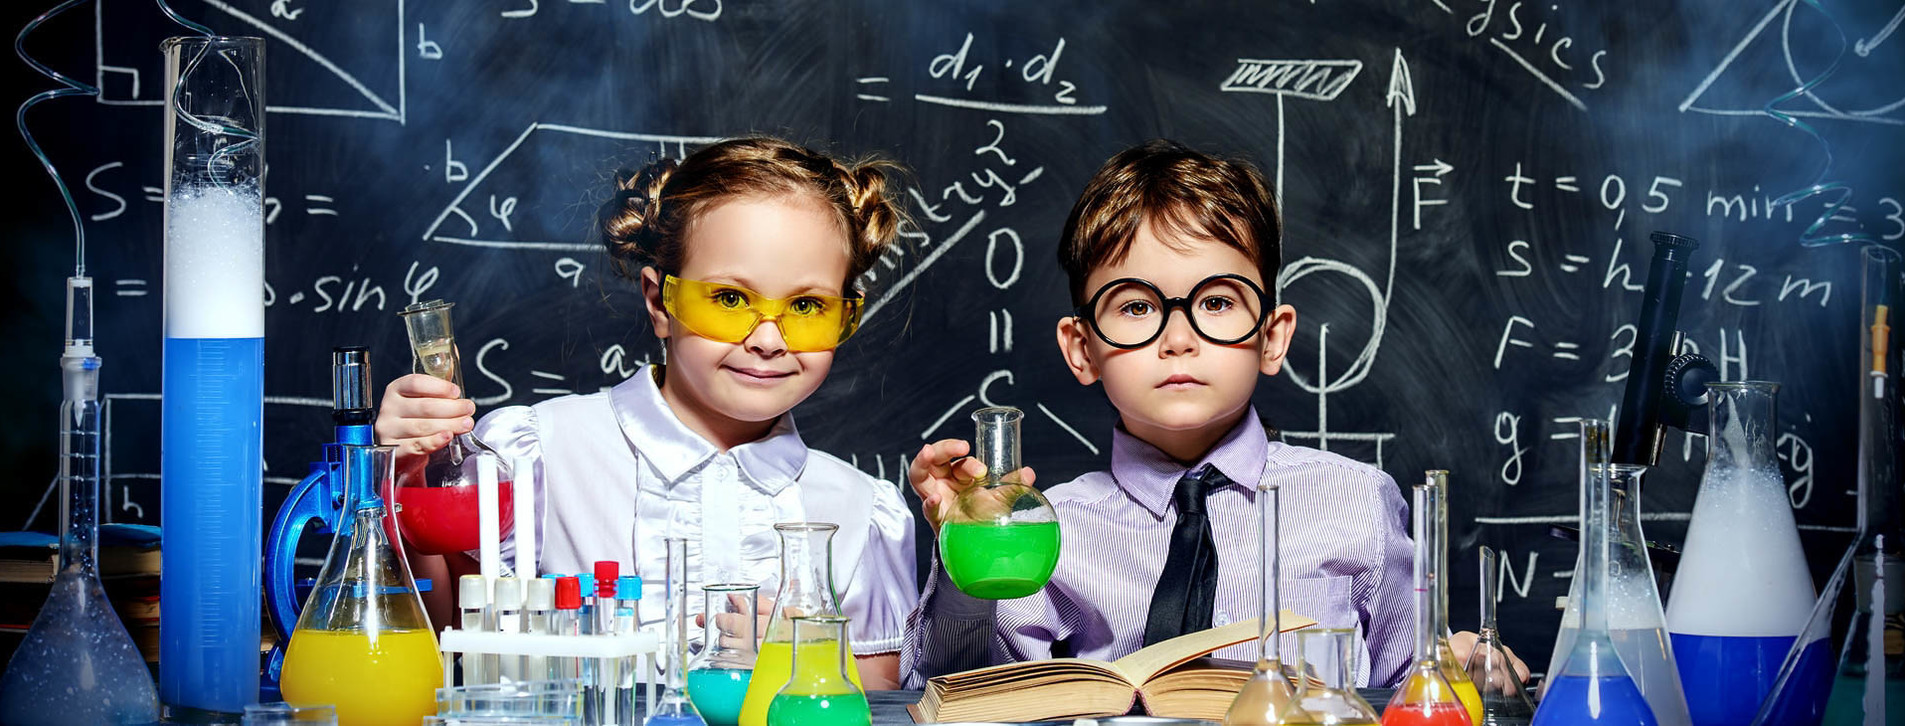 Фото 1 - Детская лаборатория экспериментов